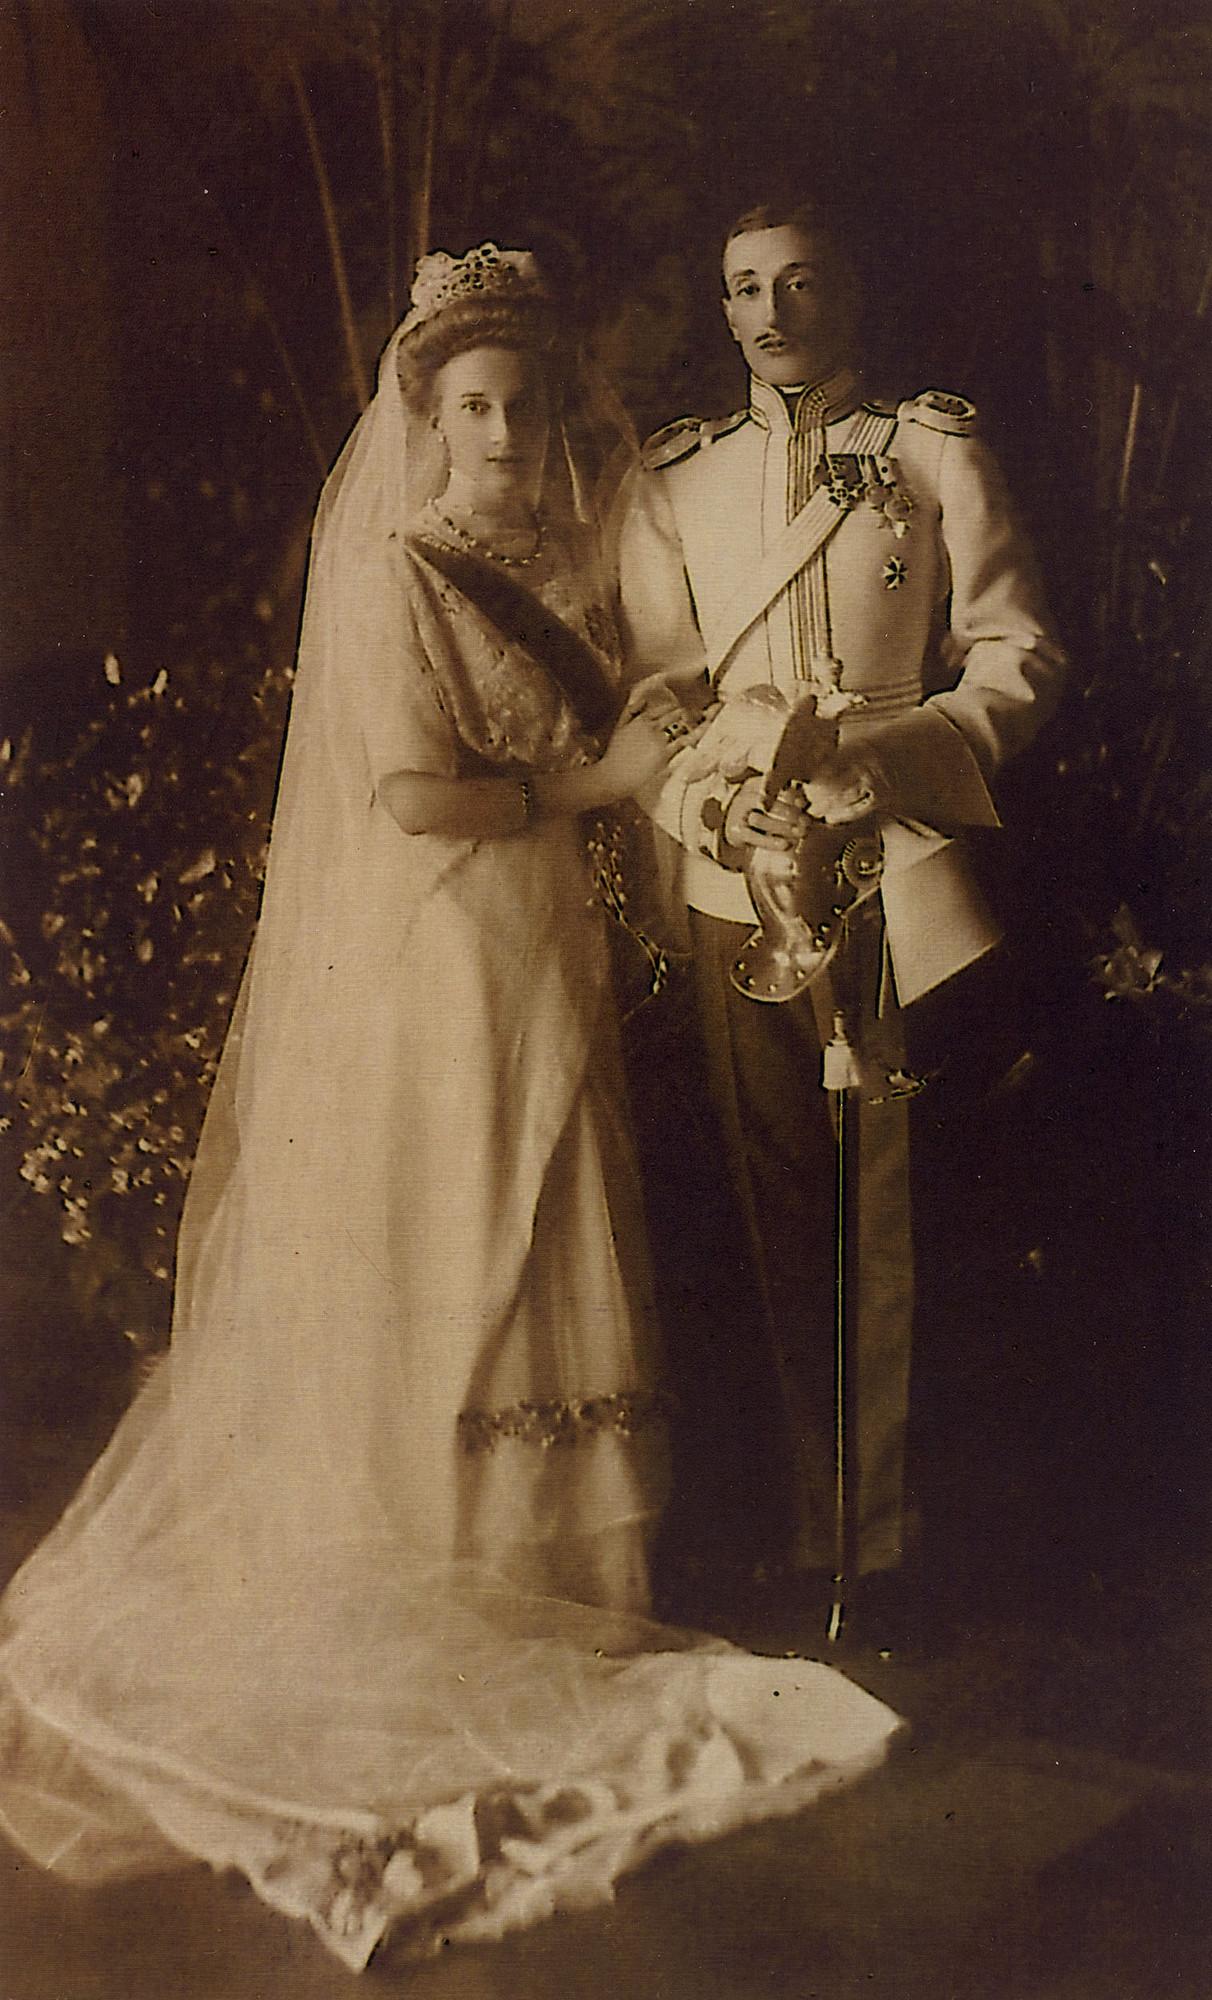 Photographie de mariage du prince géorgien Constantin Bagration de Moukhrani et de la princesse Tatiana Constantinovna